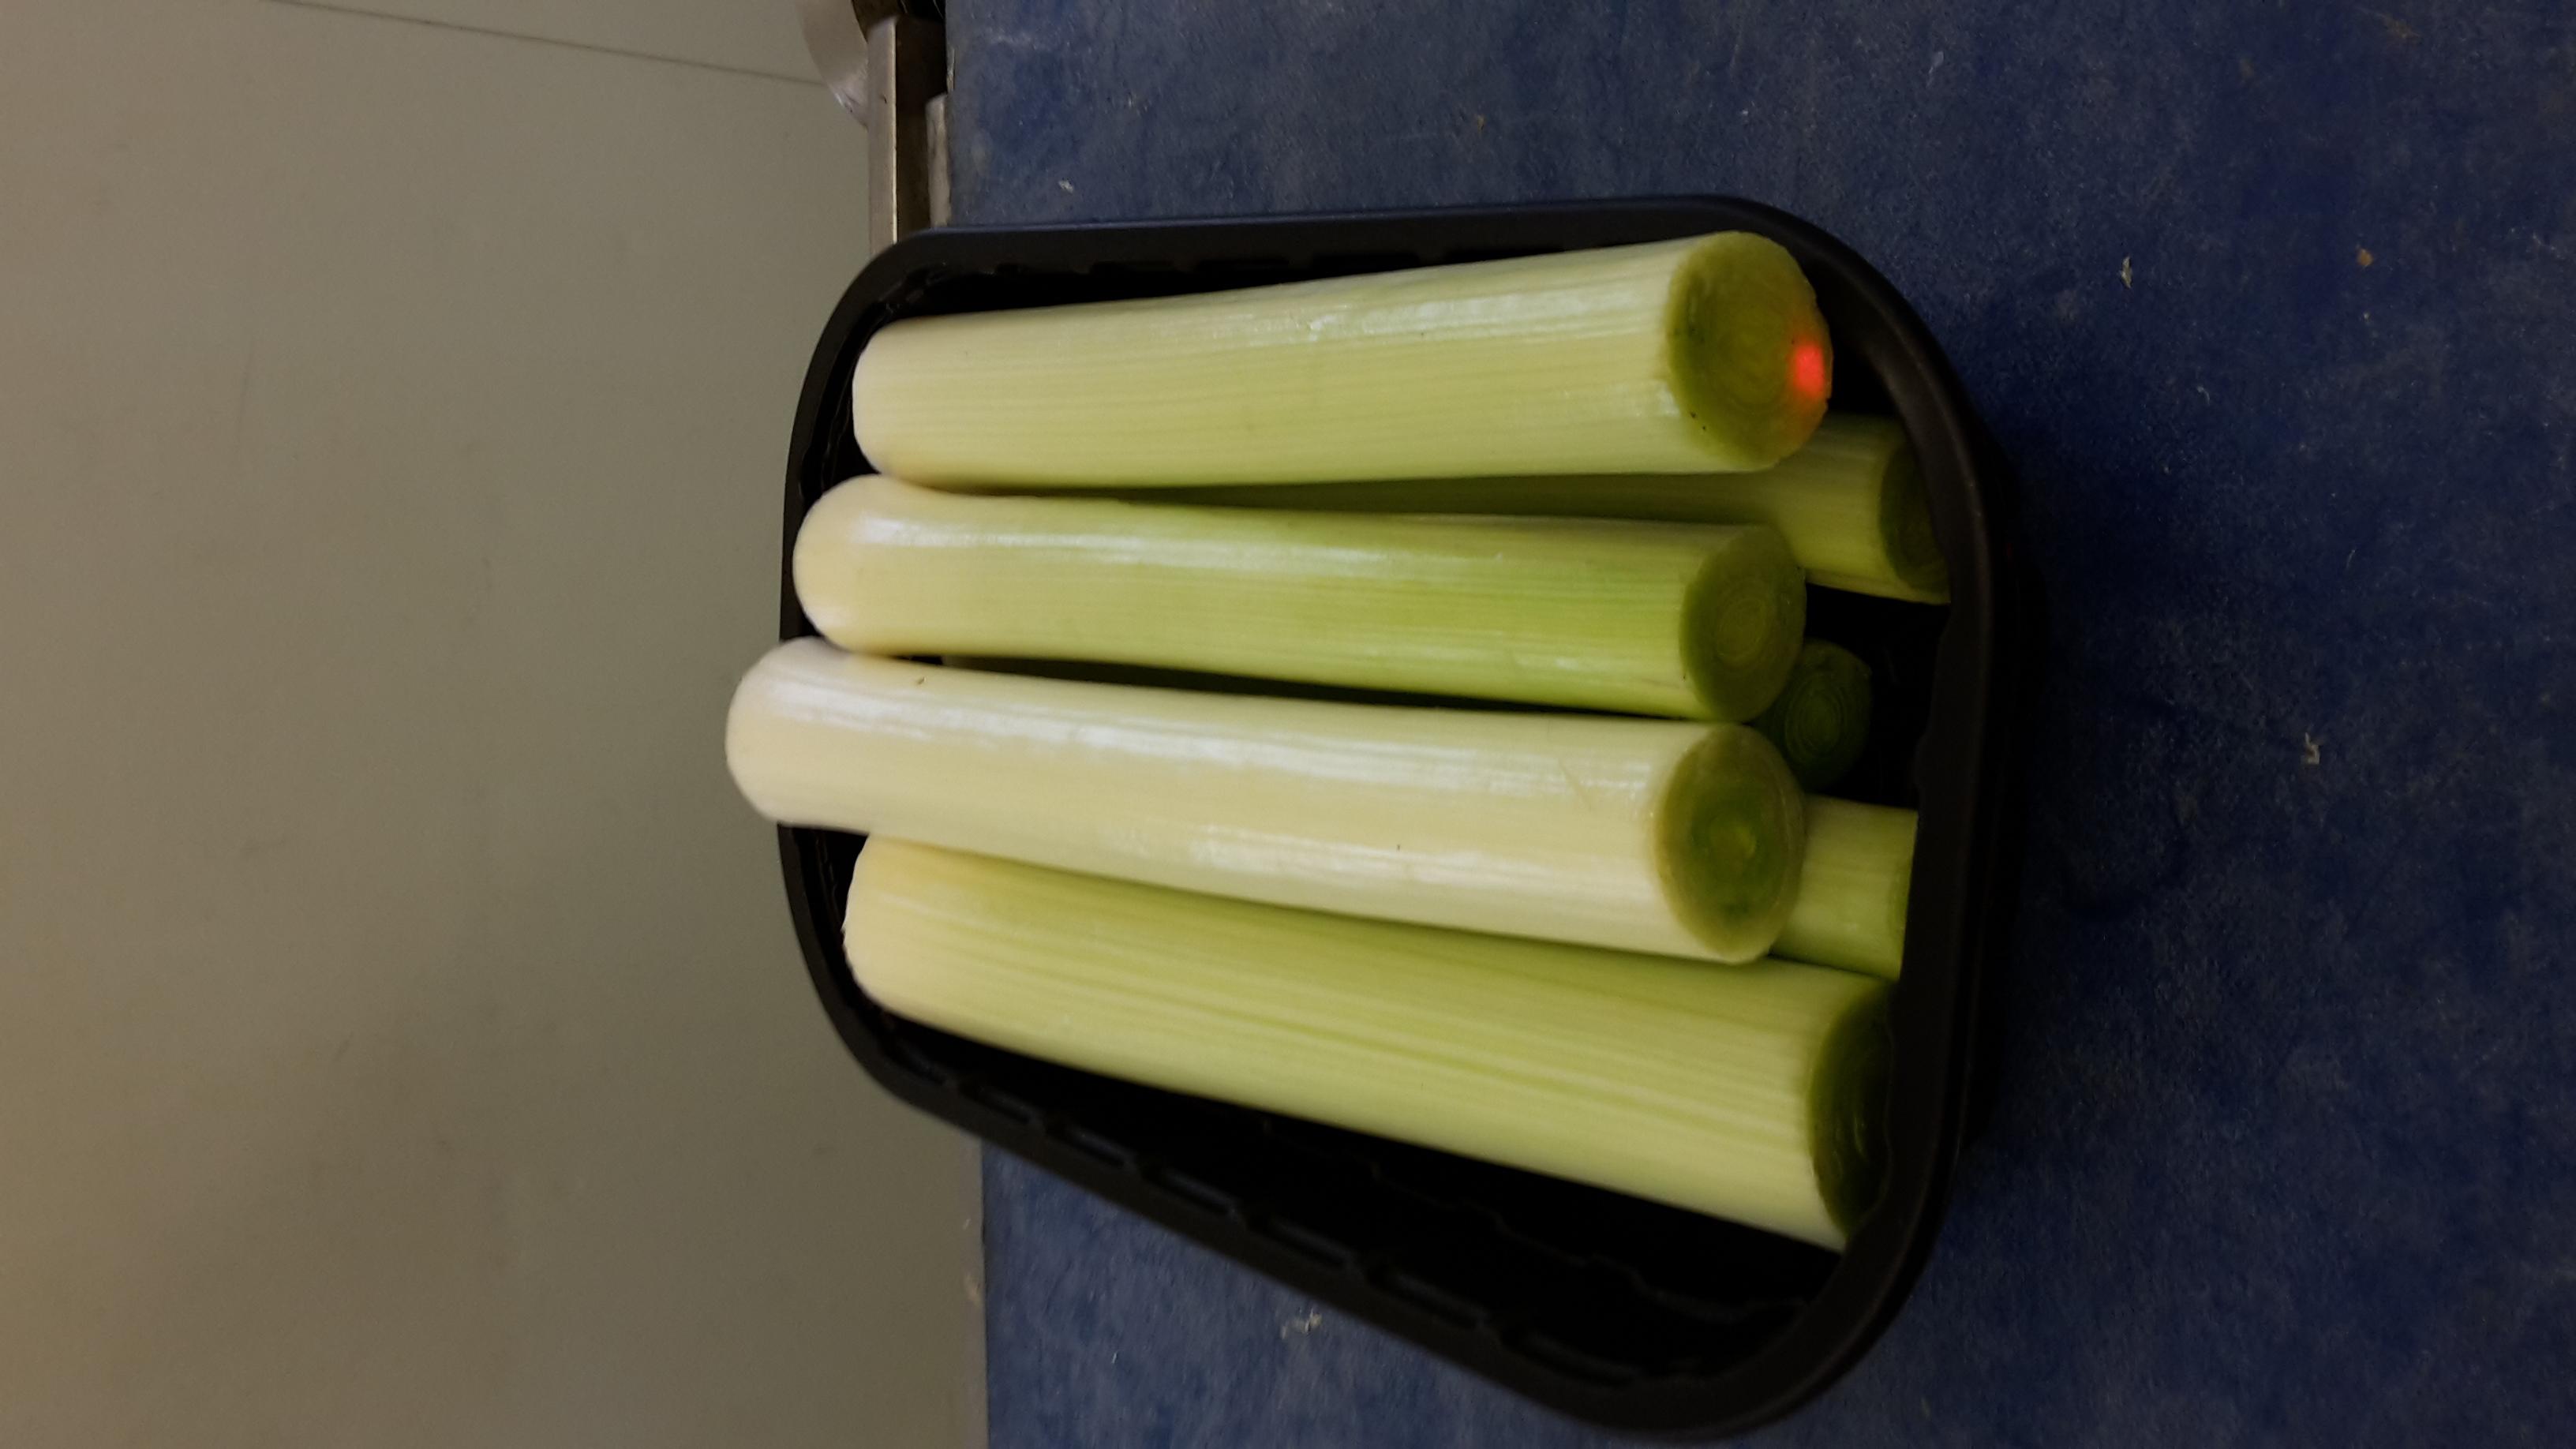 Foodtainerlauch weist eine hohe Rüstintensität von Rohware zu verkauftem Produkt auf.